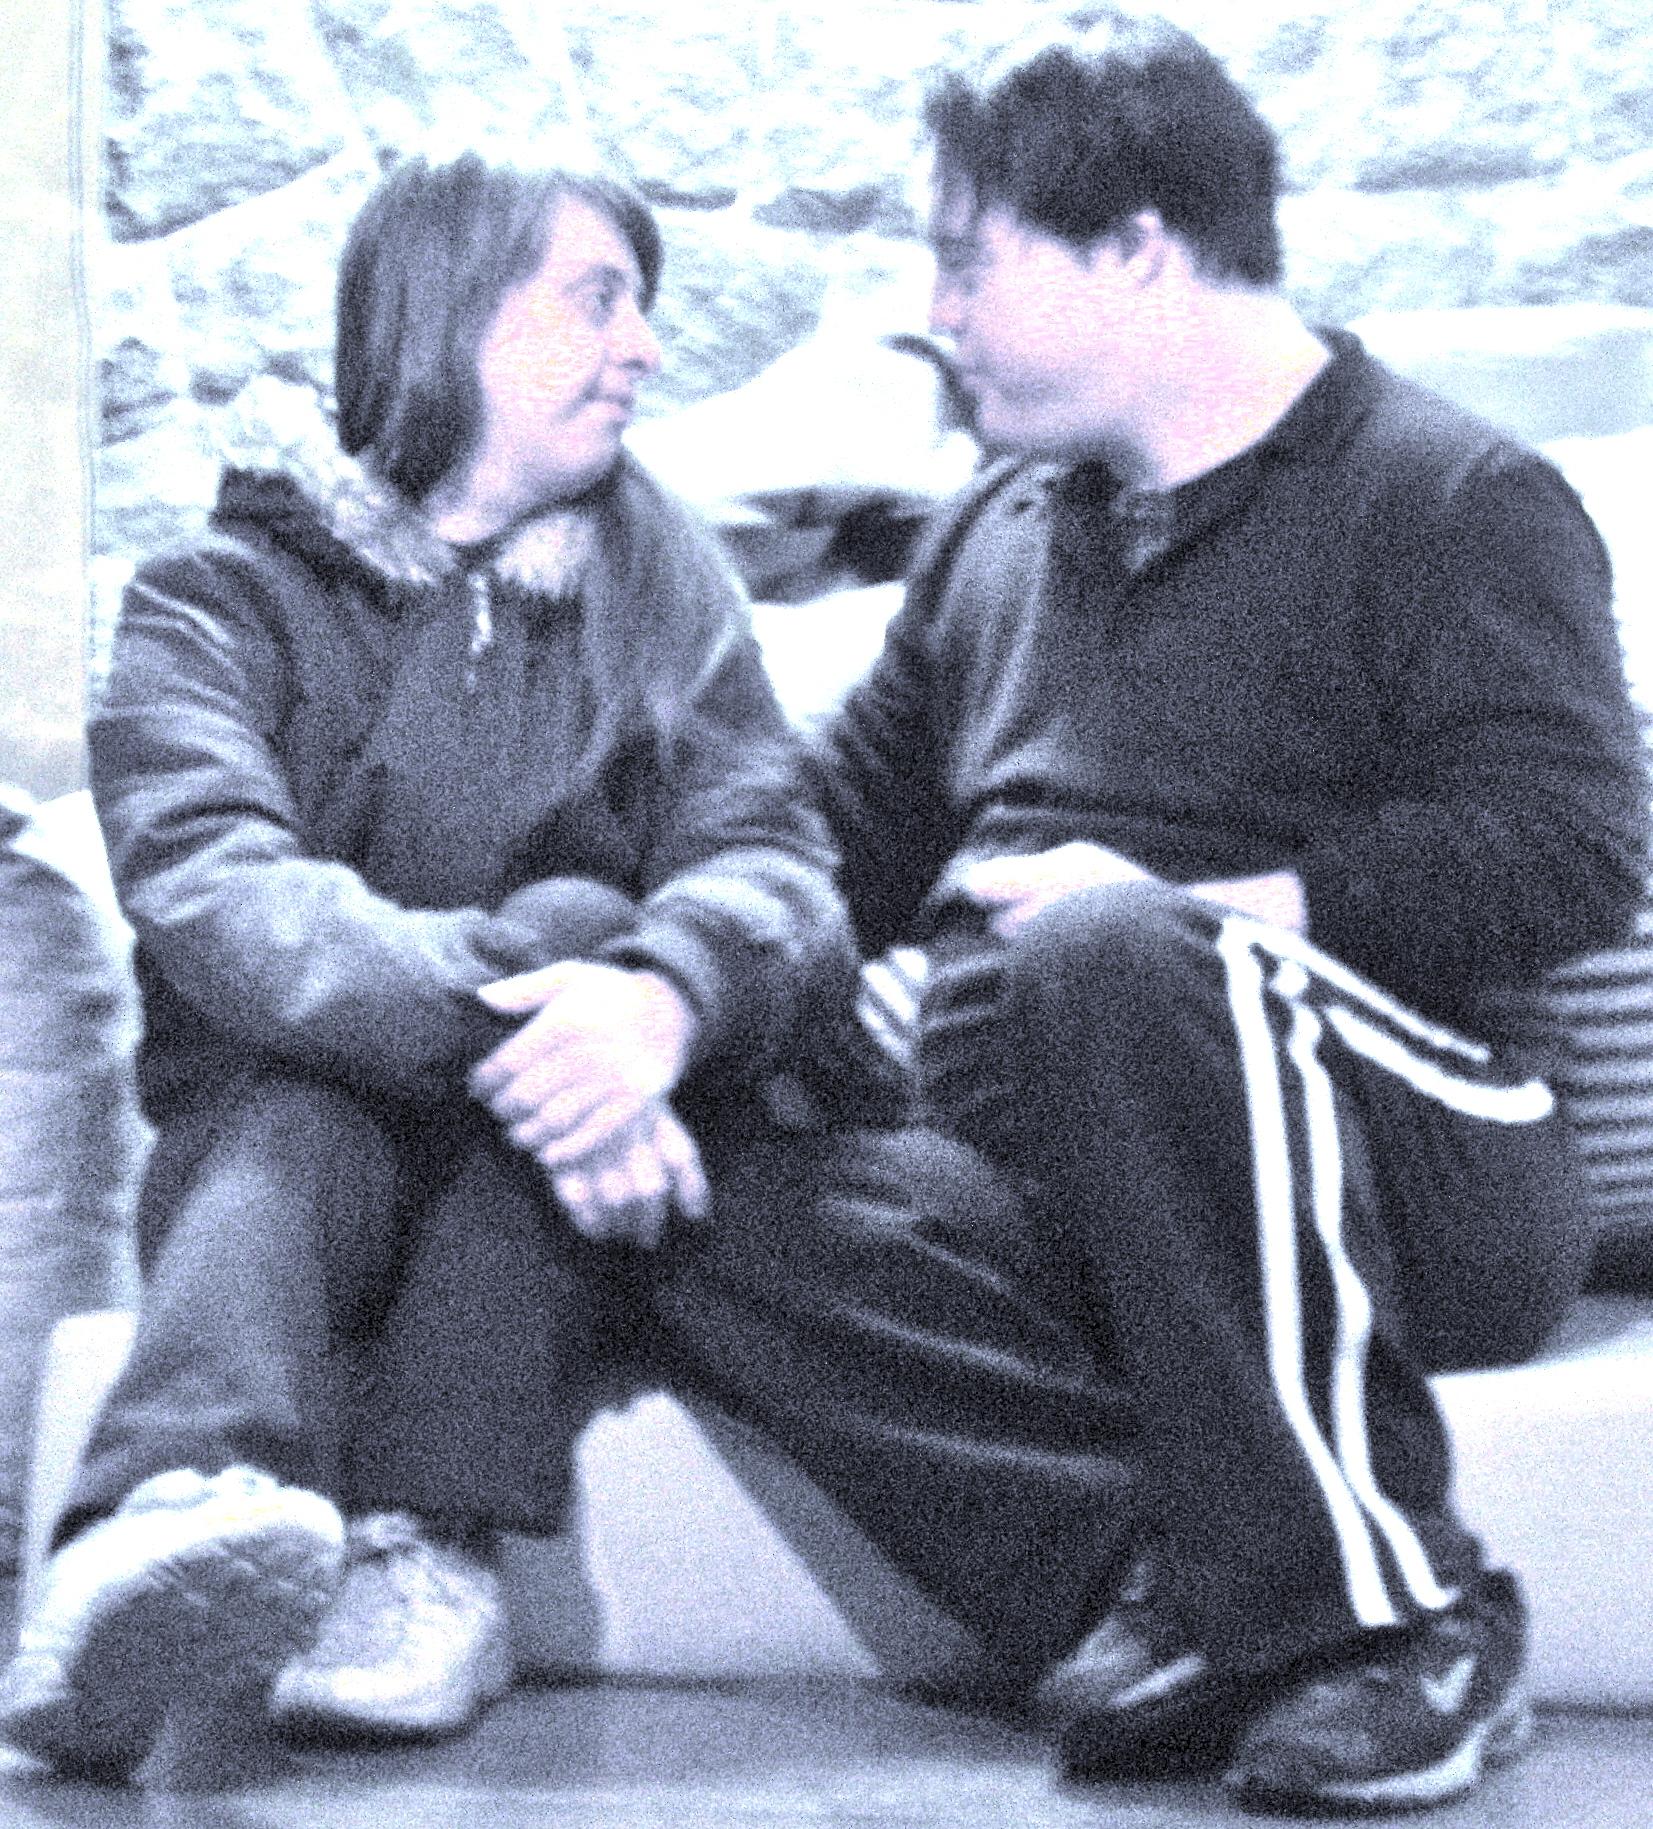 Ao final, o casal de protagonistas treina pra valer o olho no olho